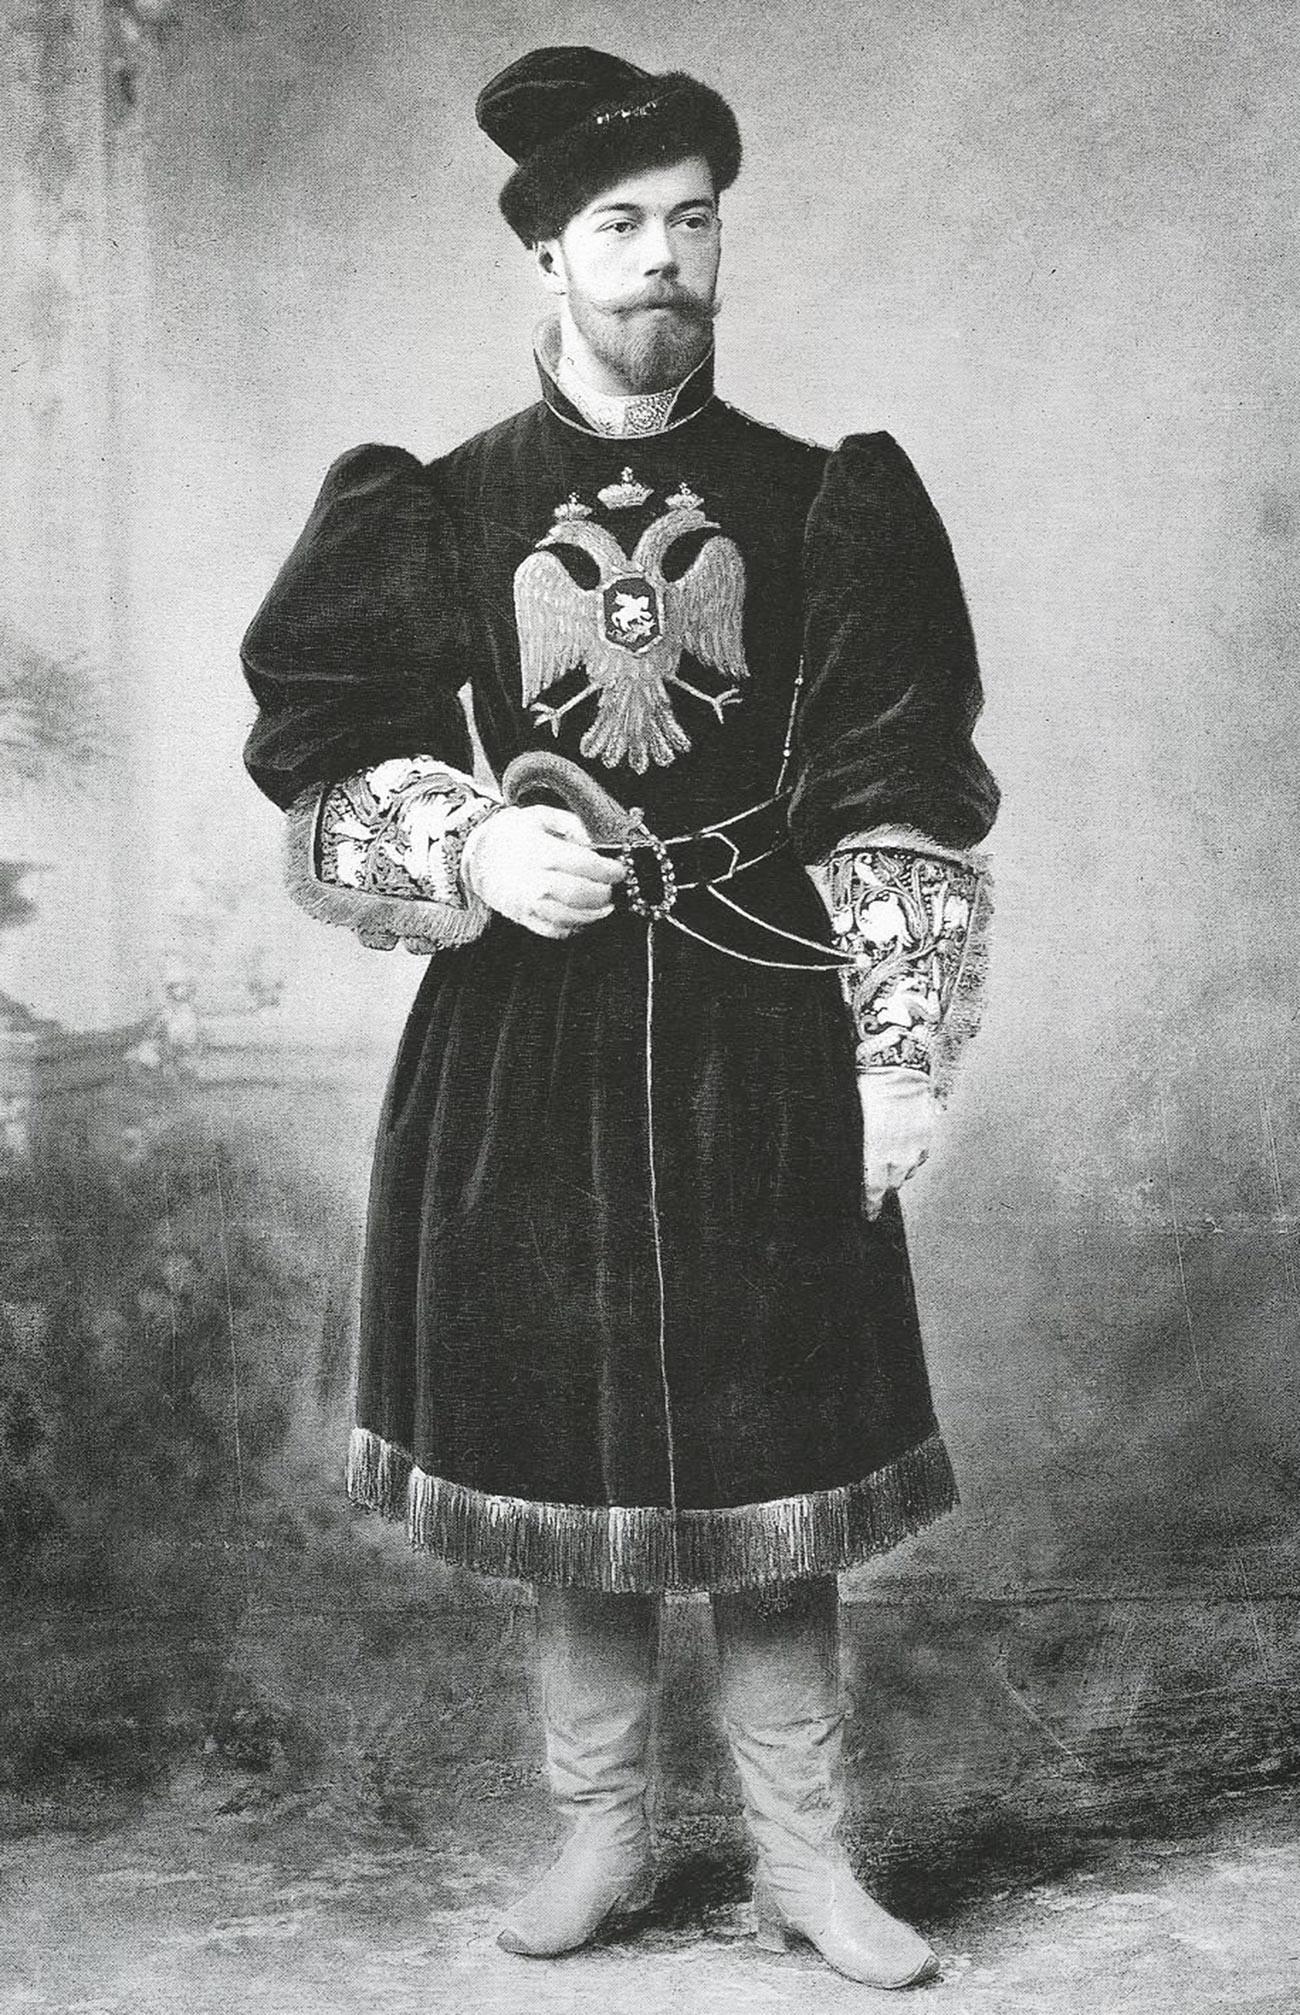 Nikolai II mengenakan kostum tradisional Pangeran Agung Rusia abad ke-17, 1913.